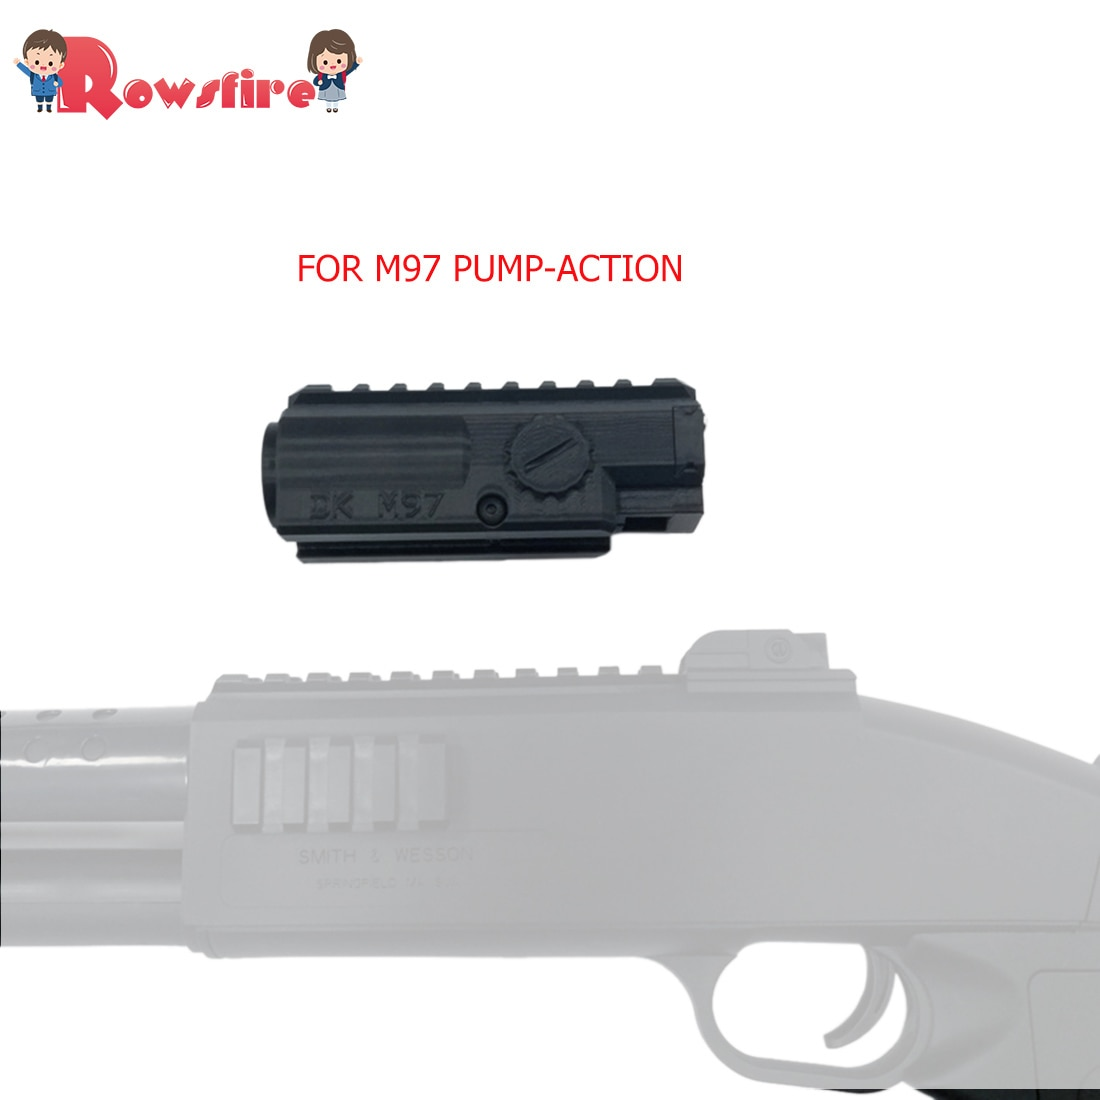 Rowsfire 1 шт. большой емкости журнал для M97 насос-действие водные гелевые бусинки выстрел бластер-черный